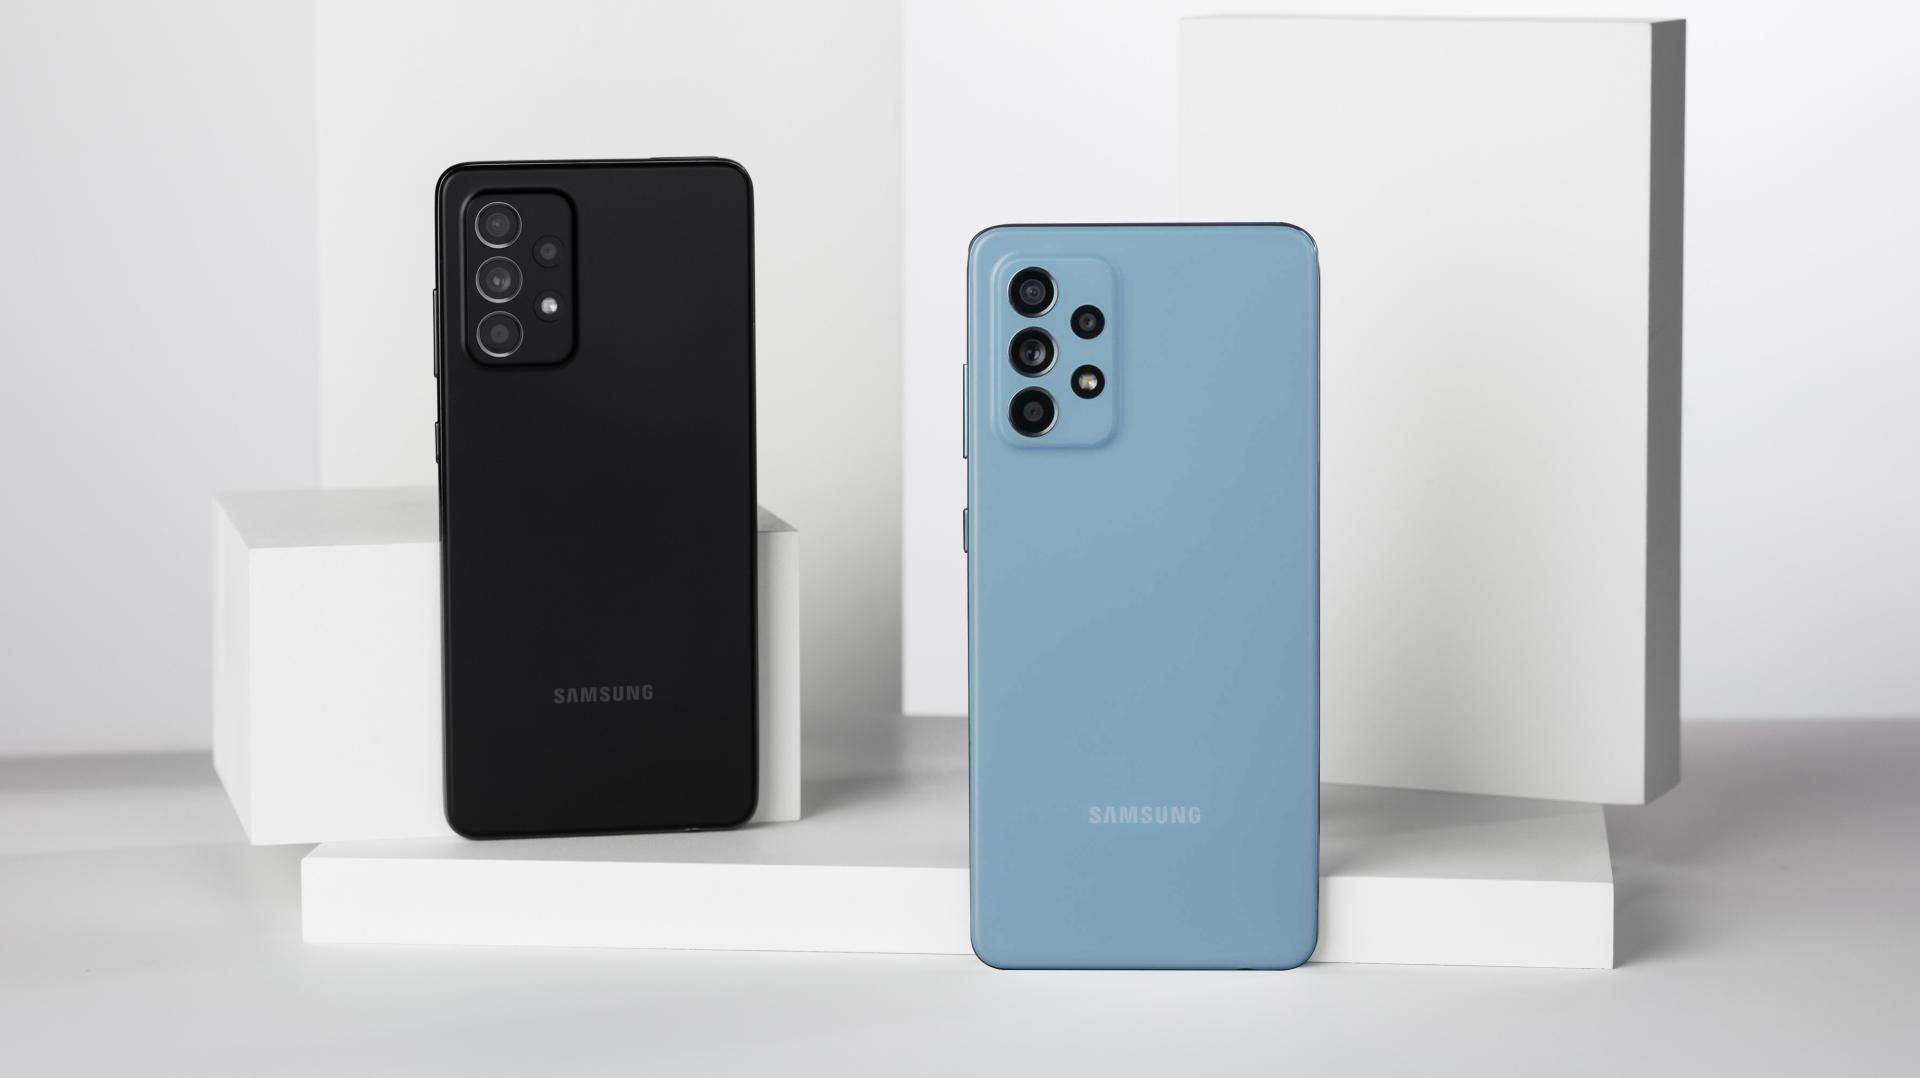 """""""Hot rần rần"""" với Samsung Galaxy A52 5G, vừa nhanh, mạnh, chống nước lại có cả bộ camera """"xịn xò"""" - Ảnh 1."""